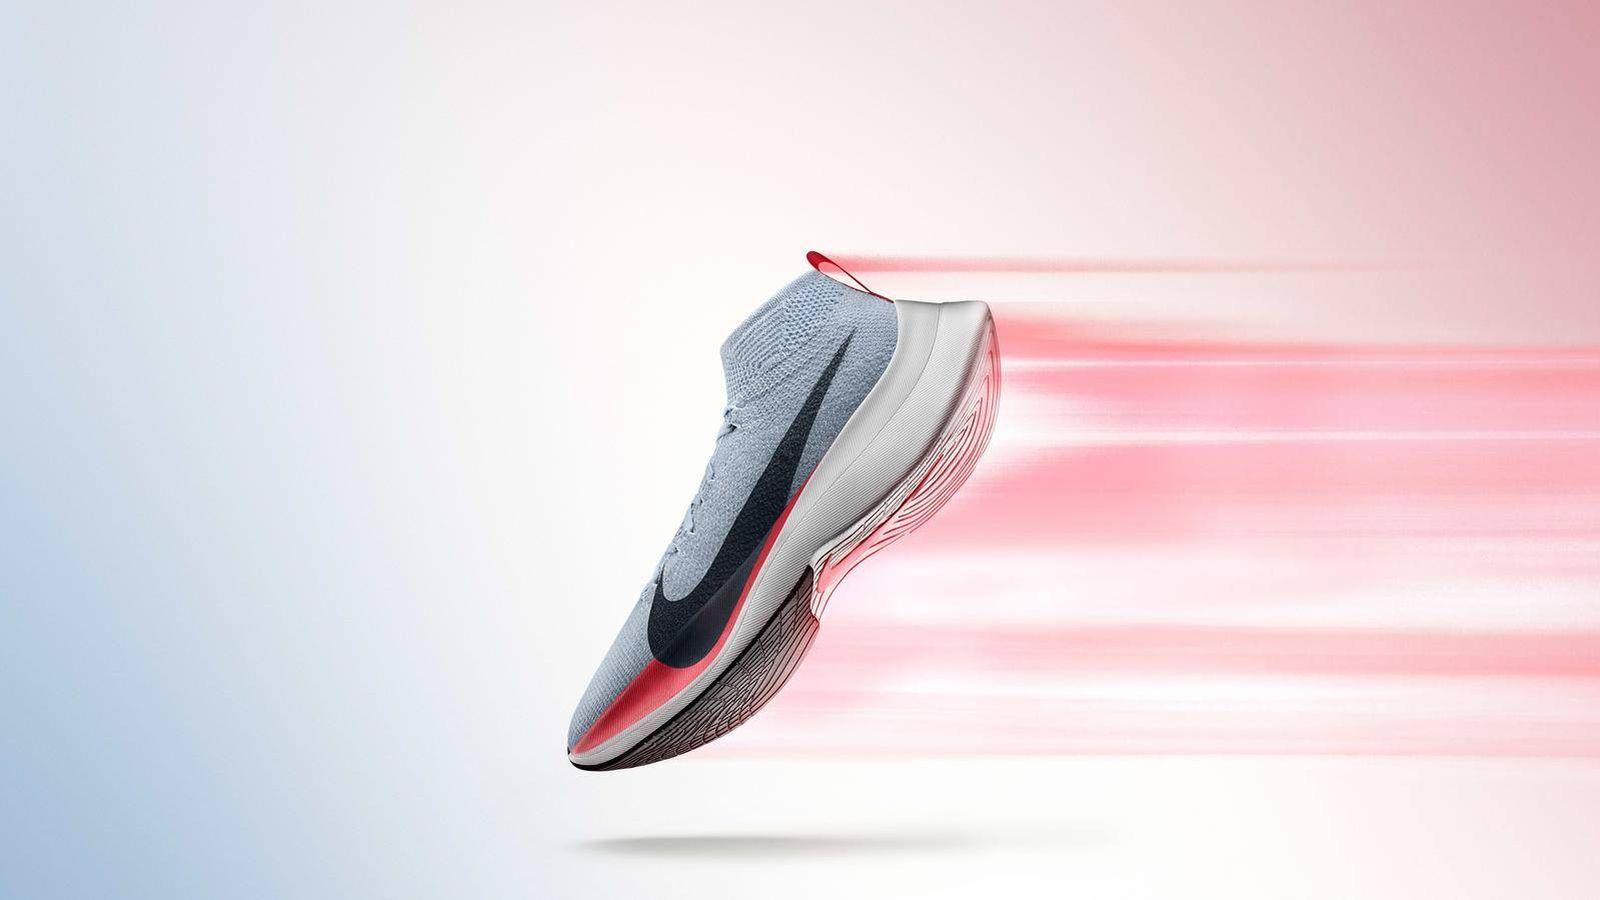 Umeki Desconfianza inversión  Atletismo: Nike quiere bajar de dos horas en el maratón con estas  zapatillas pero ¿es reglamentario?